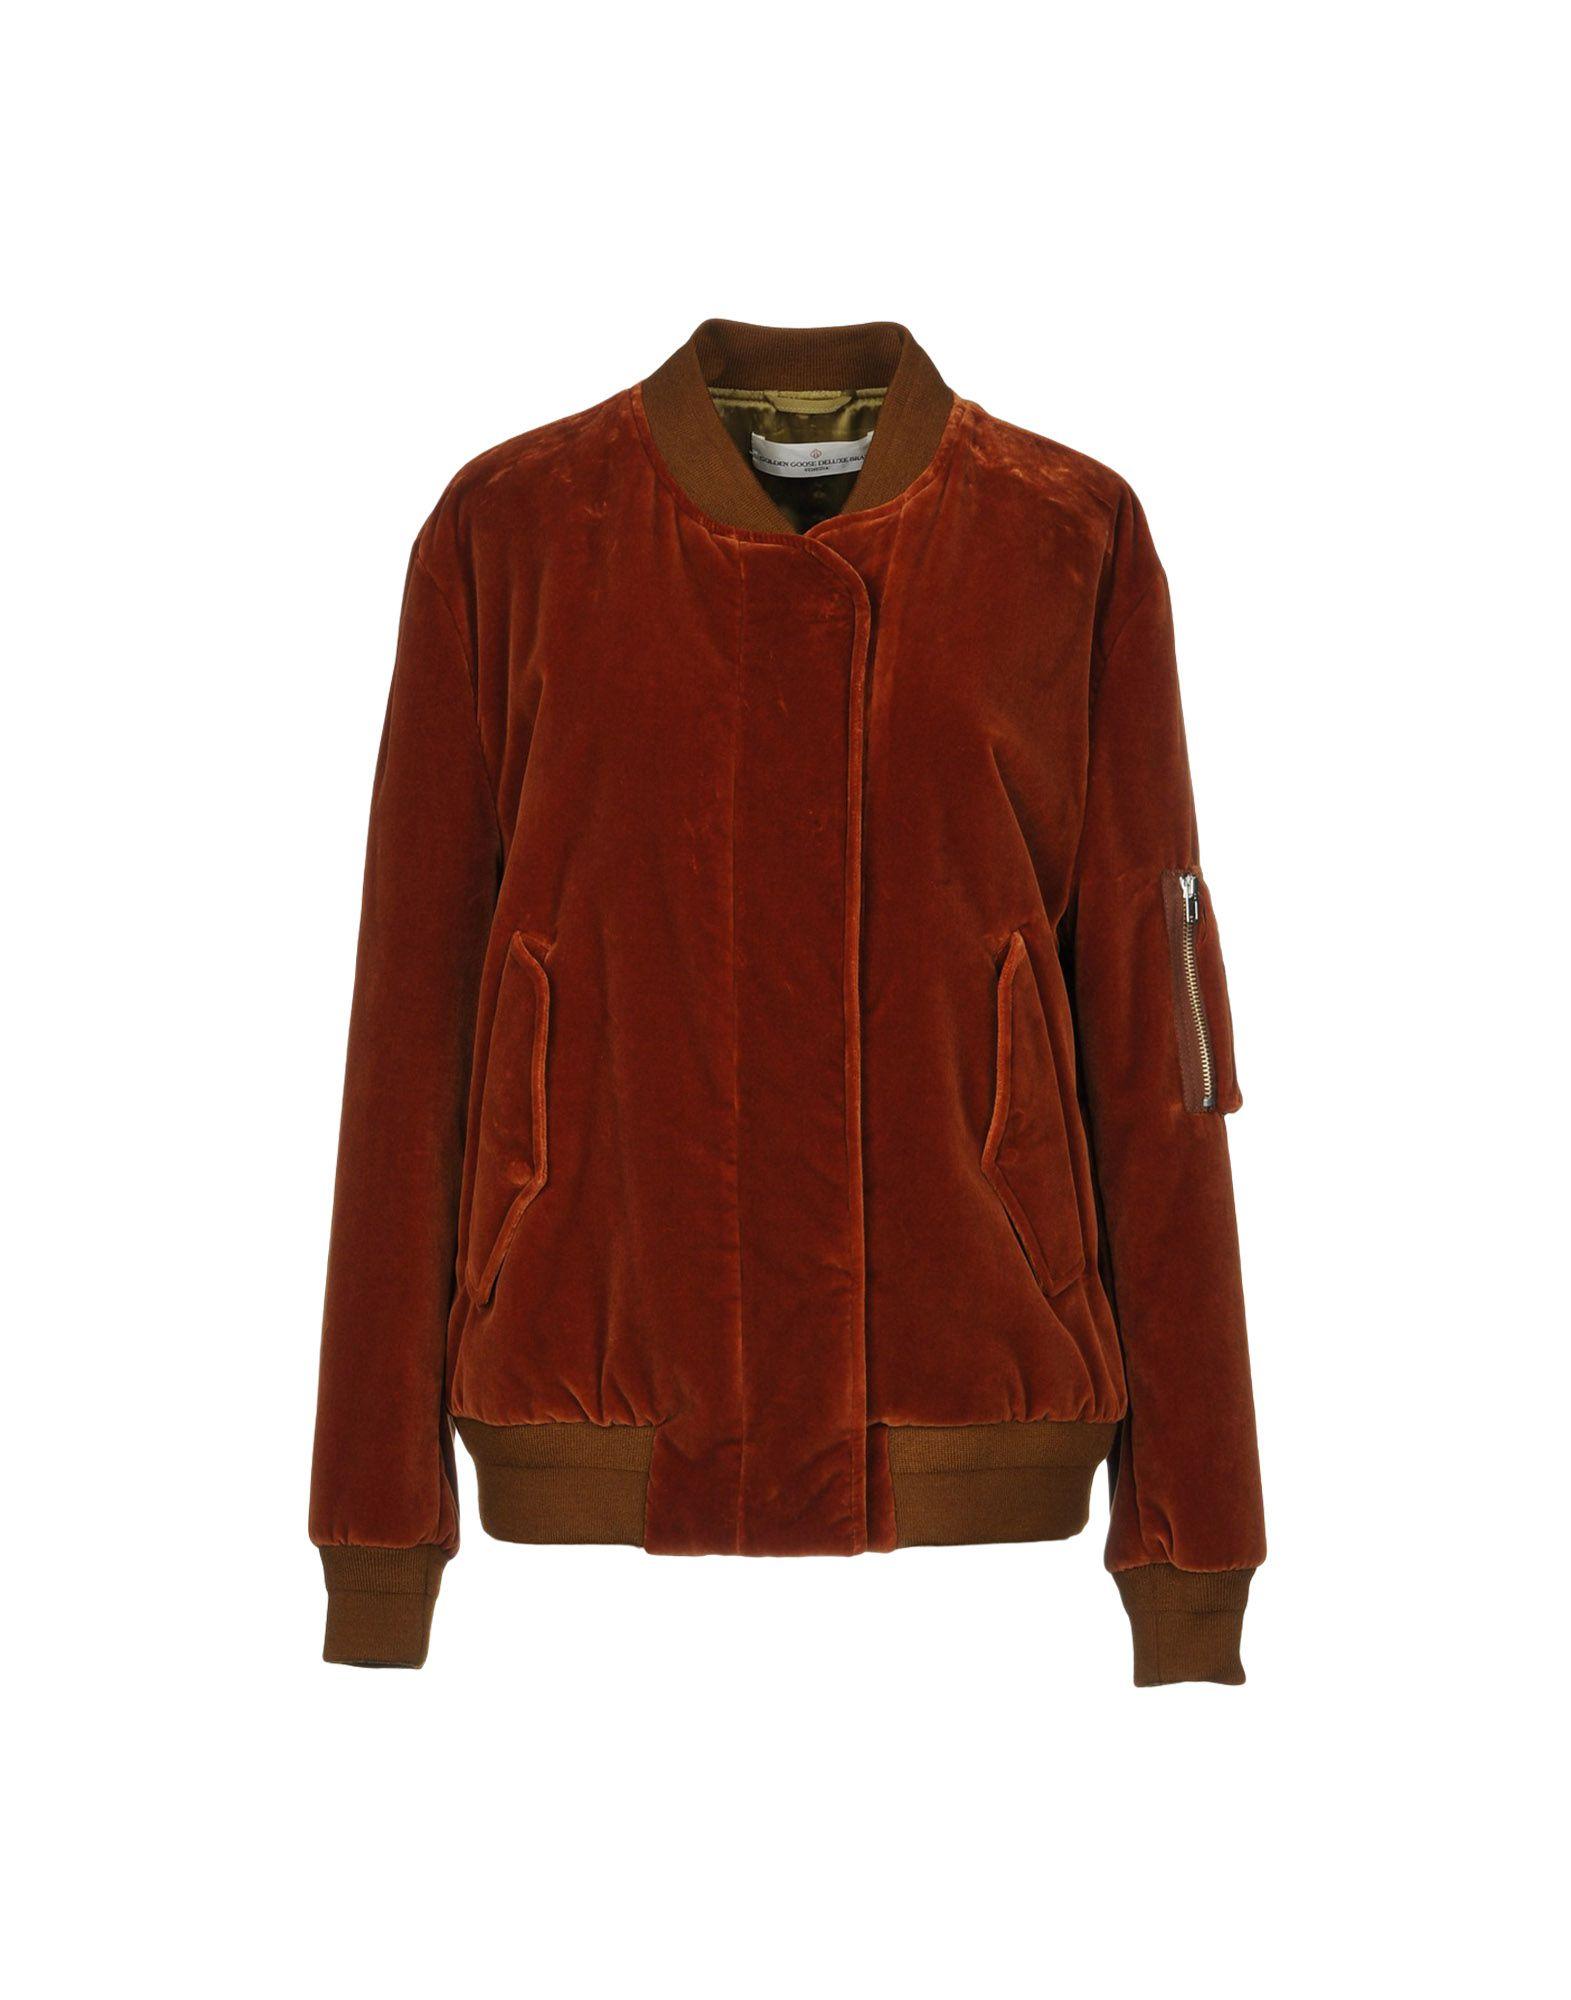 GOLDEN GOOSE DELUXE BRAND Jackets - Item 41805010